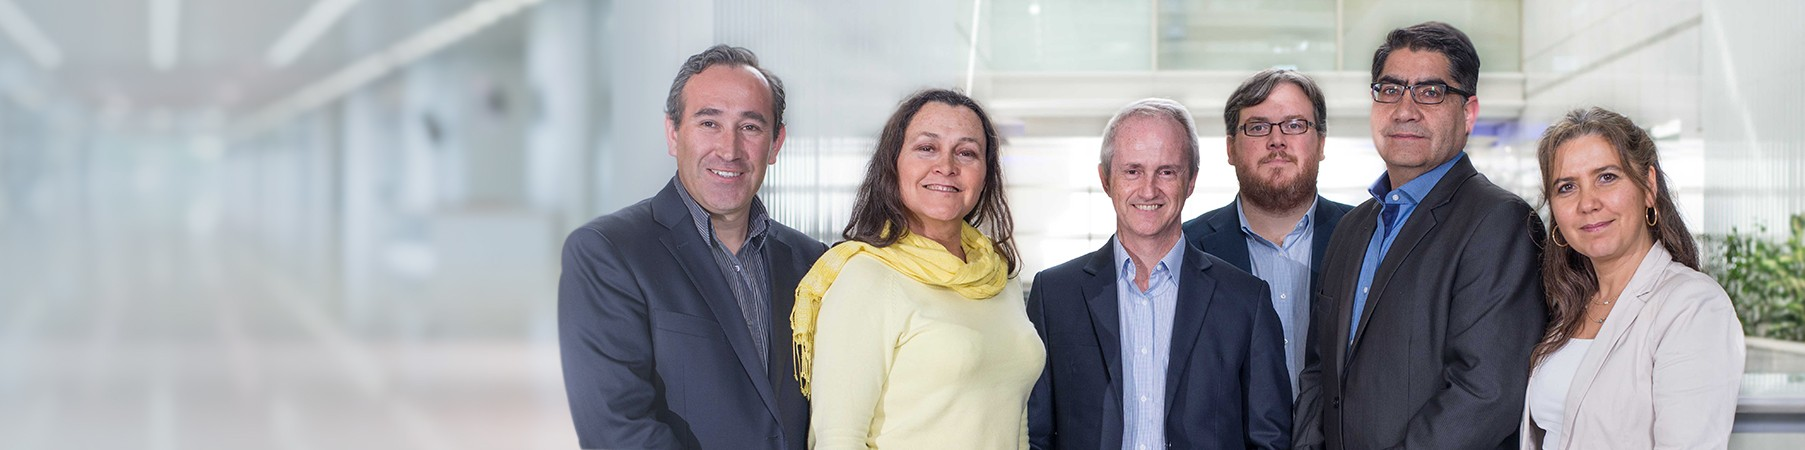 Bienvenido a Novis. Podemos ayudarle a potenciar su empresa con innovación digital y optimizando sus soluciones SAP.